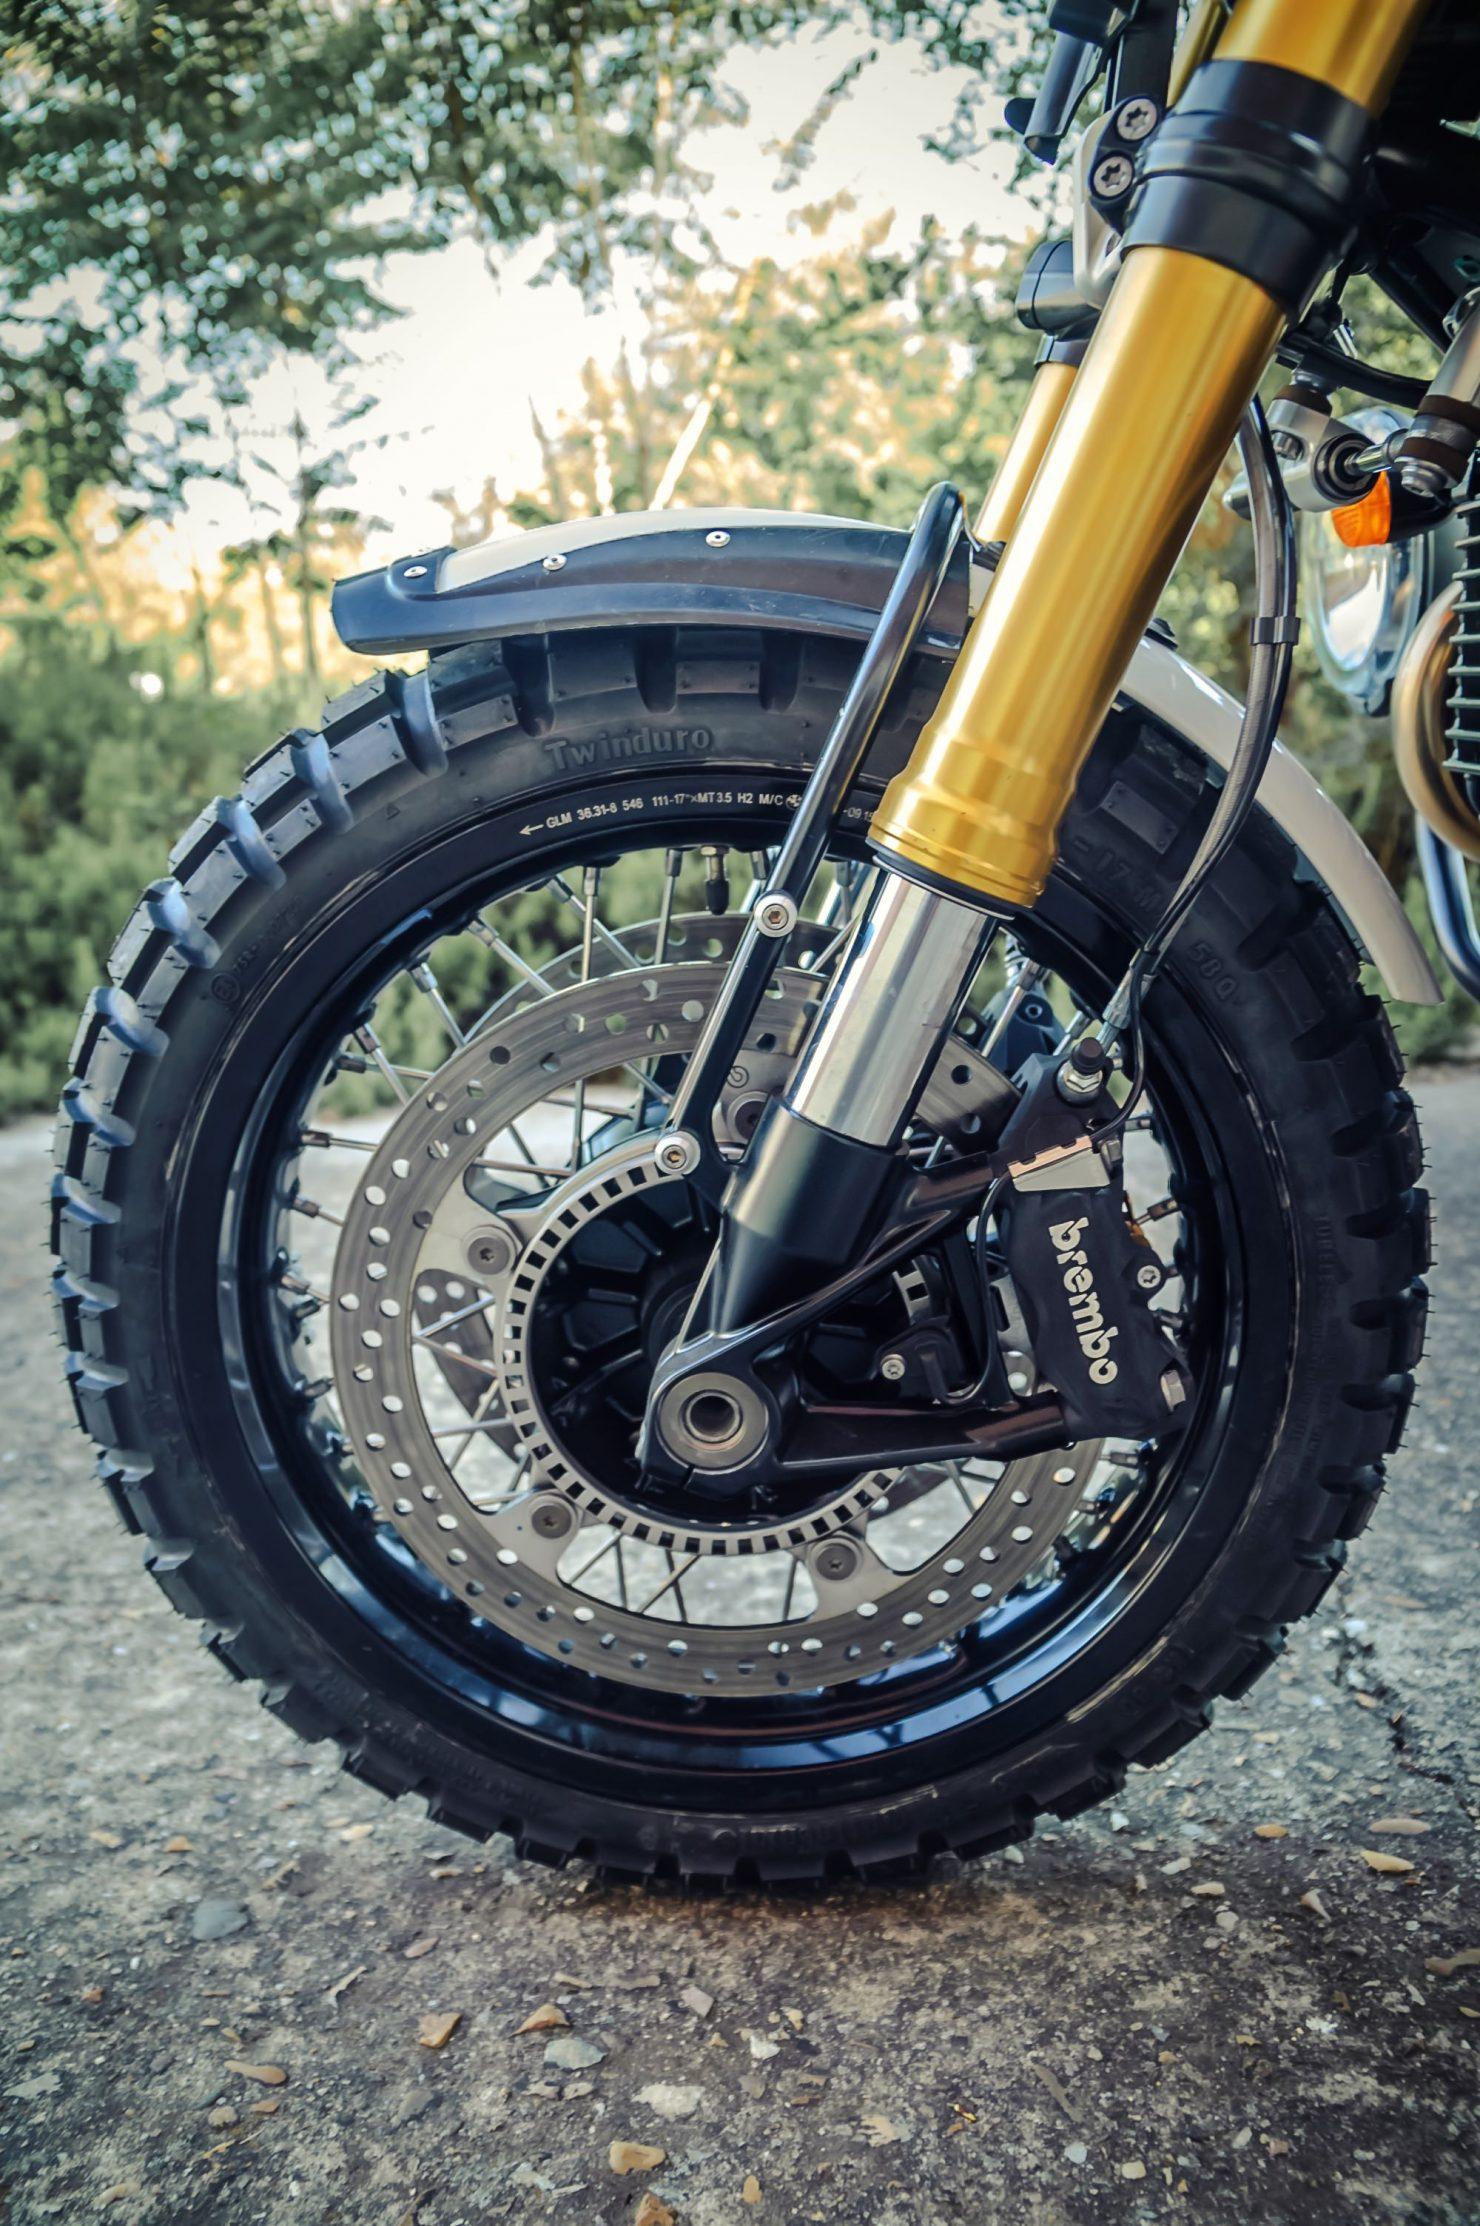 BMW R Nine T Custom Motorbike 3 1480x2226 - XTR Pepo BMW R nineT Paris Dakar